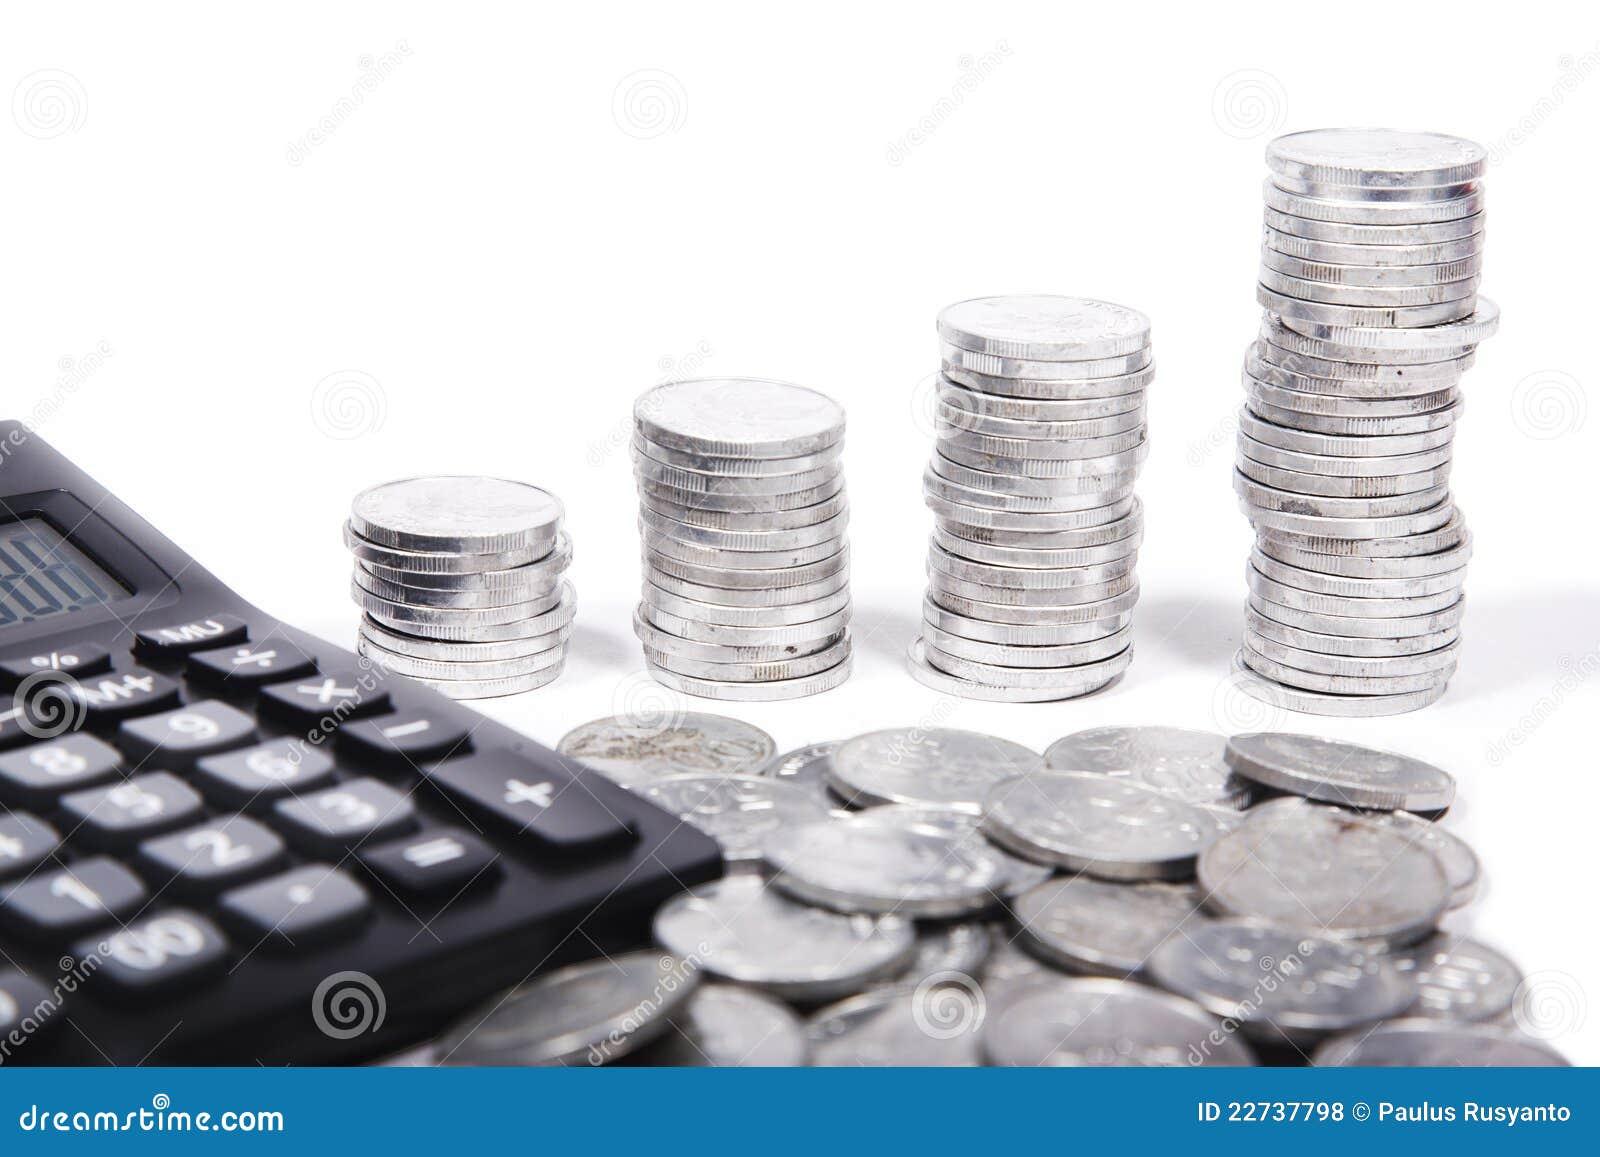 Calculadora com moedas de prata